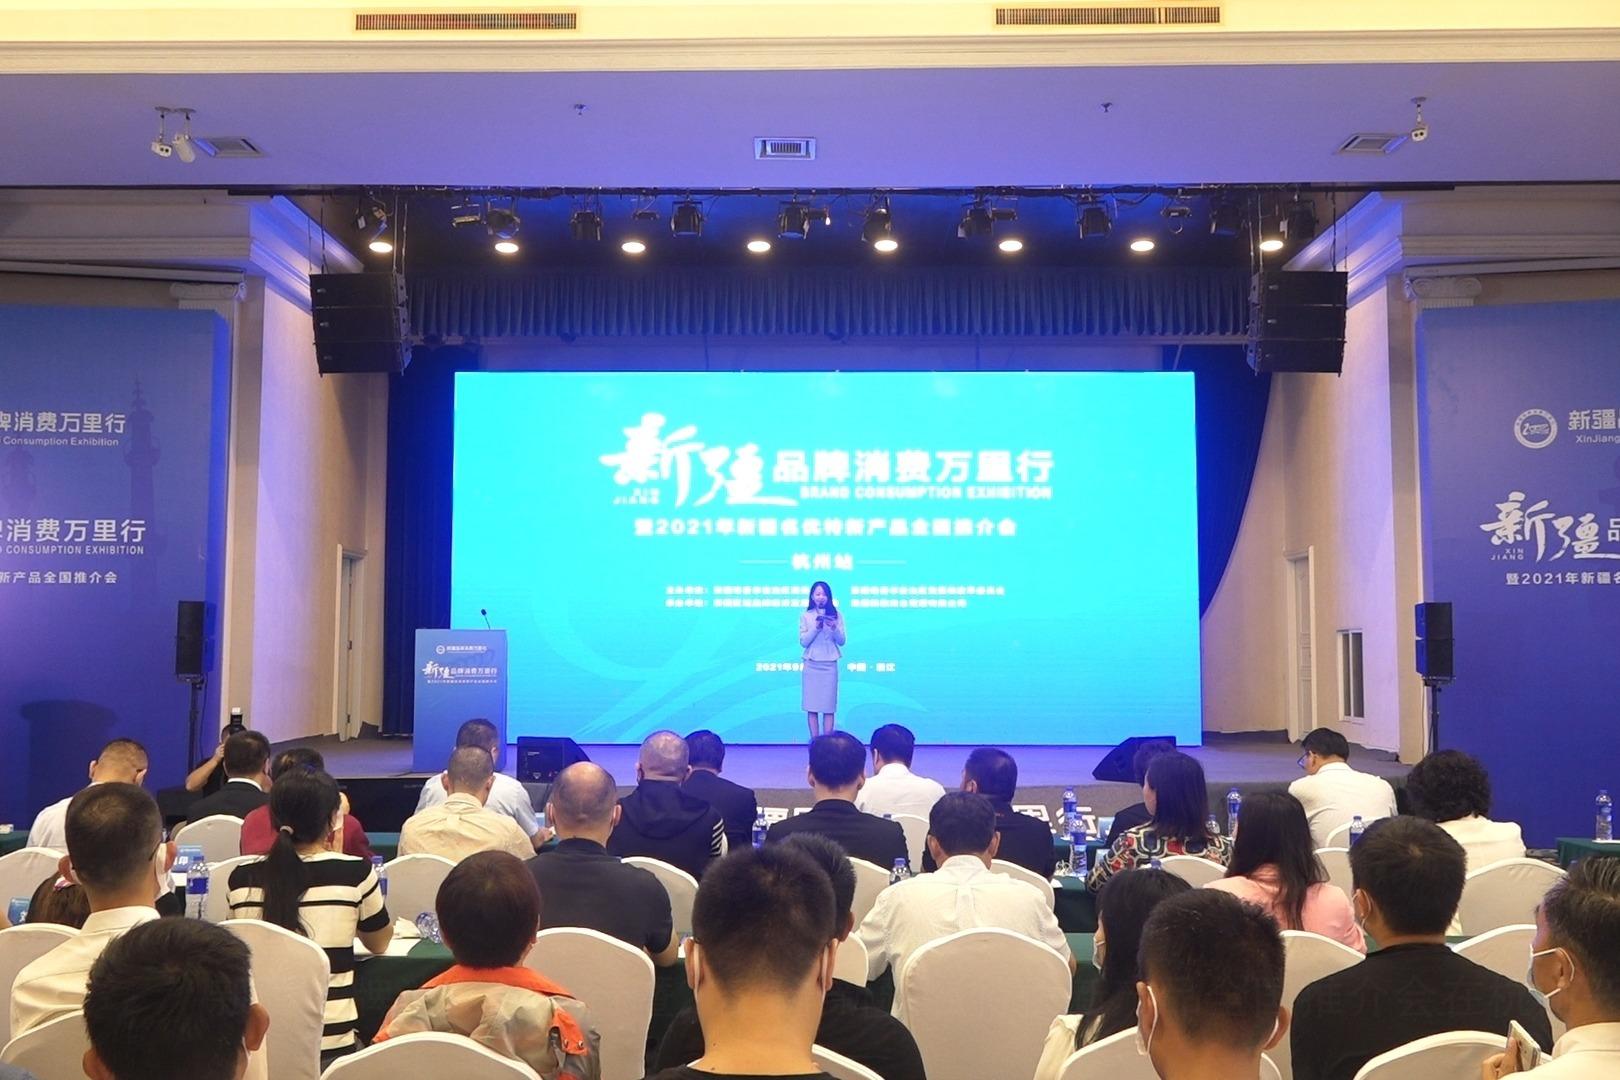 视频 | 签约金额过5亿 新疆名特优新产品推介会首站杭州开幕